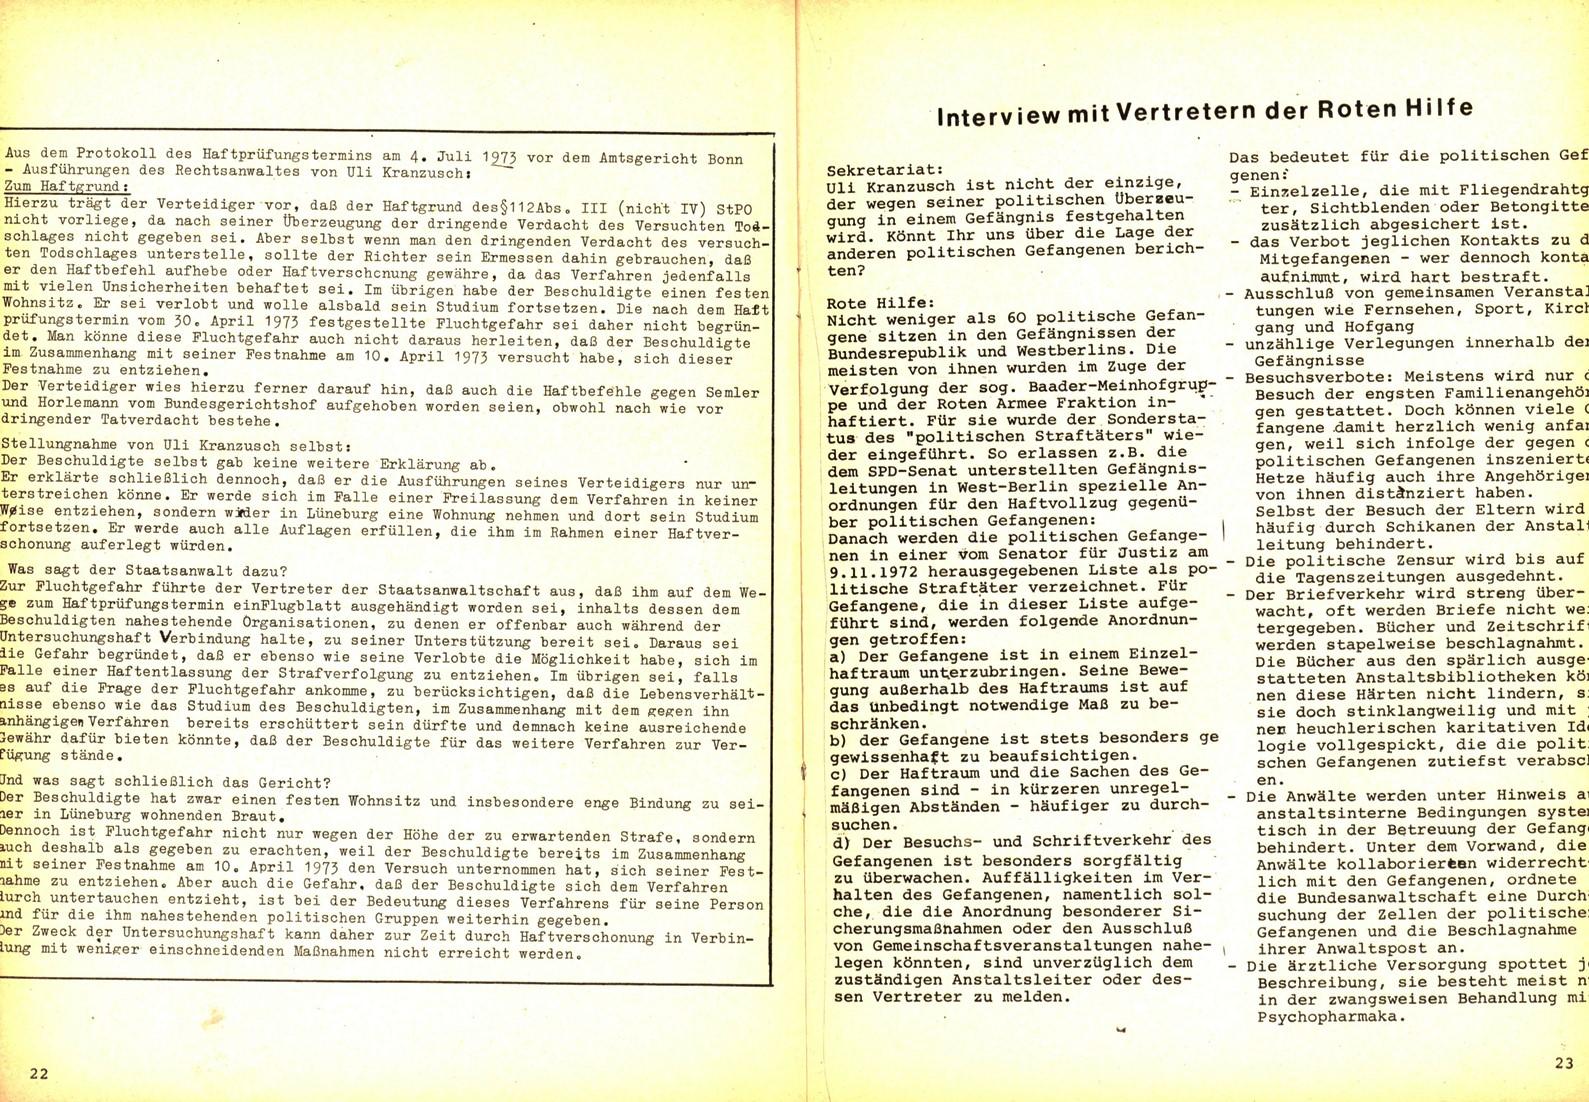 Komitee_Haende_weg_von_der_KPD_1973_Freiheit_fuer_Uli_Kranzusch_13